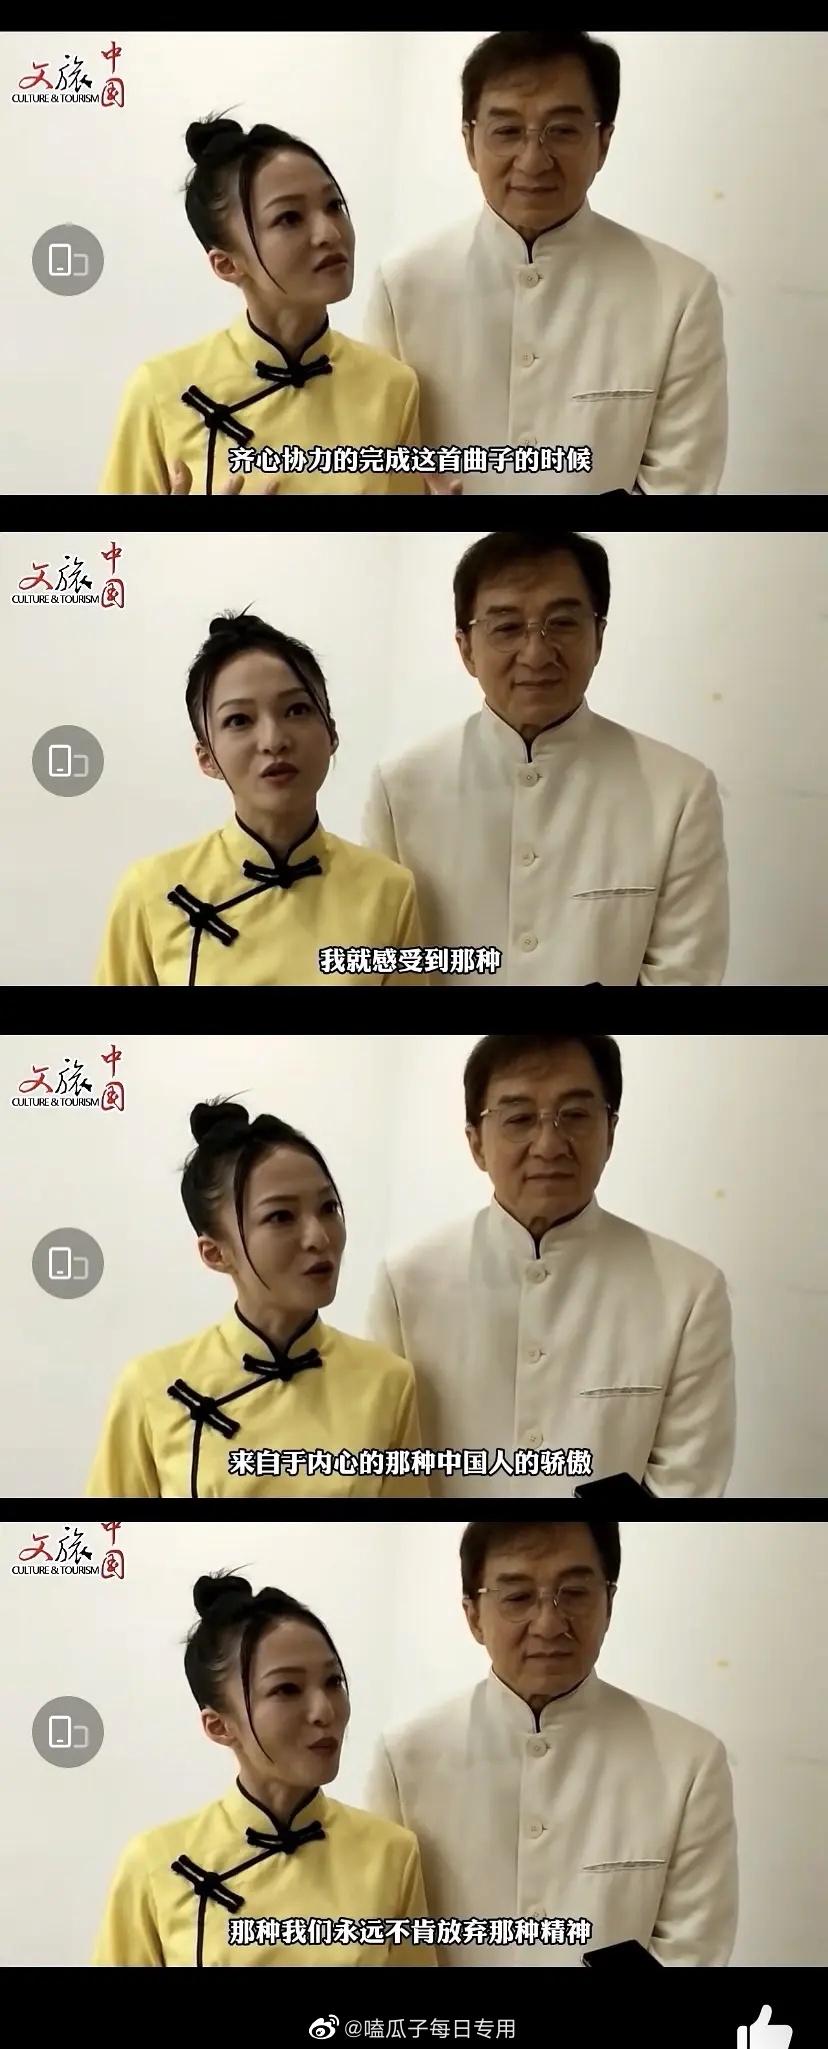 汪東城中國接種疫苗!比讚「感謝祖國安全感」 陸網讚:充滿意義